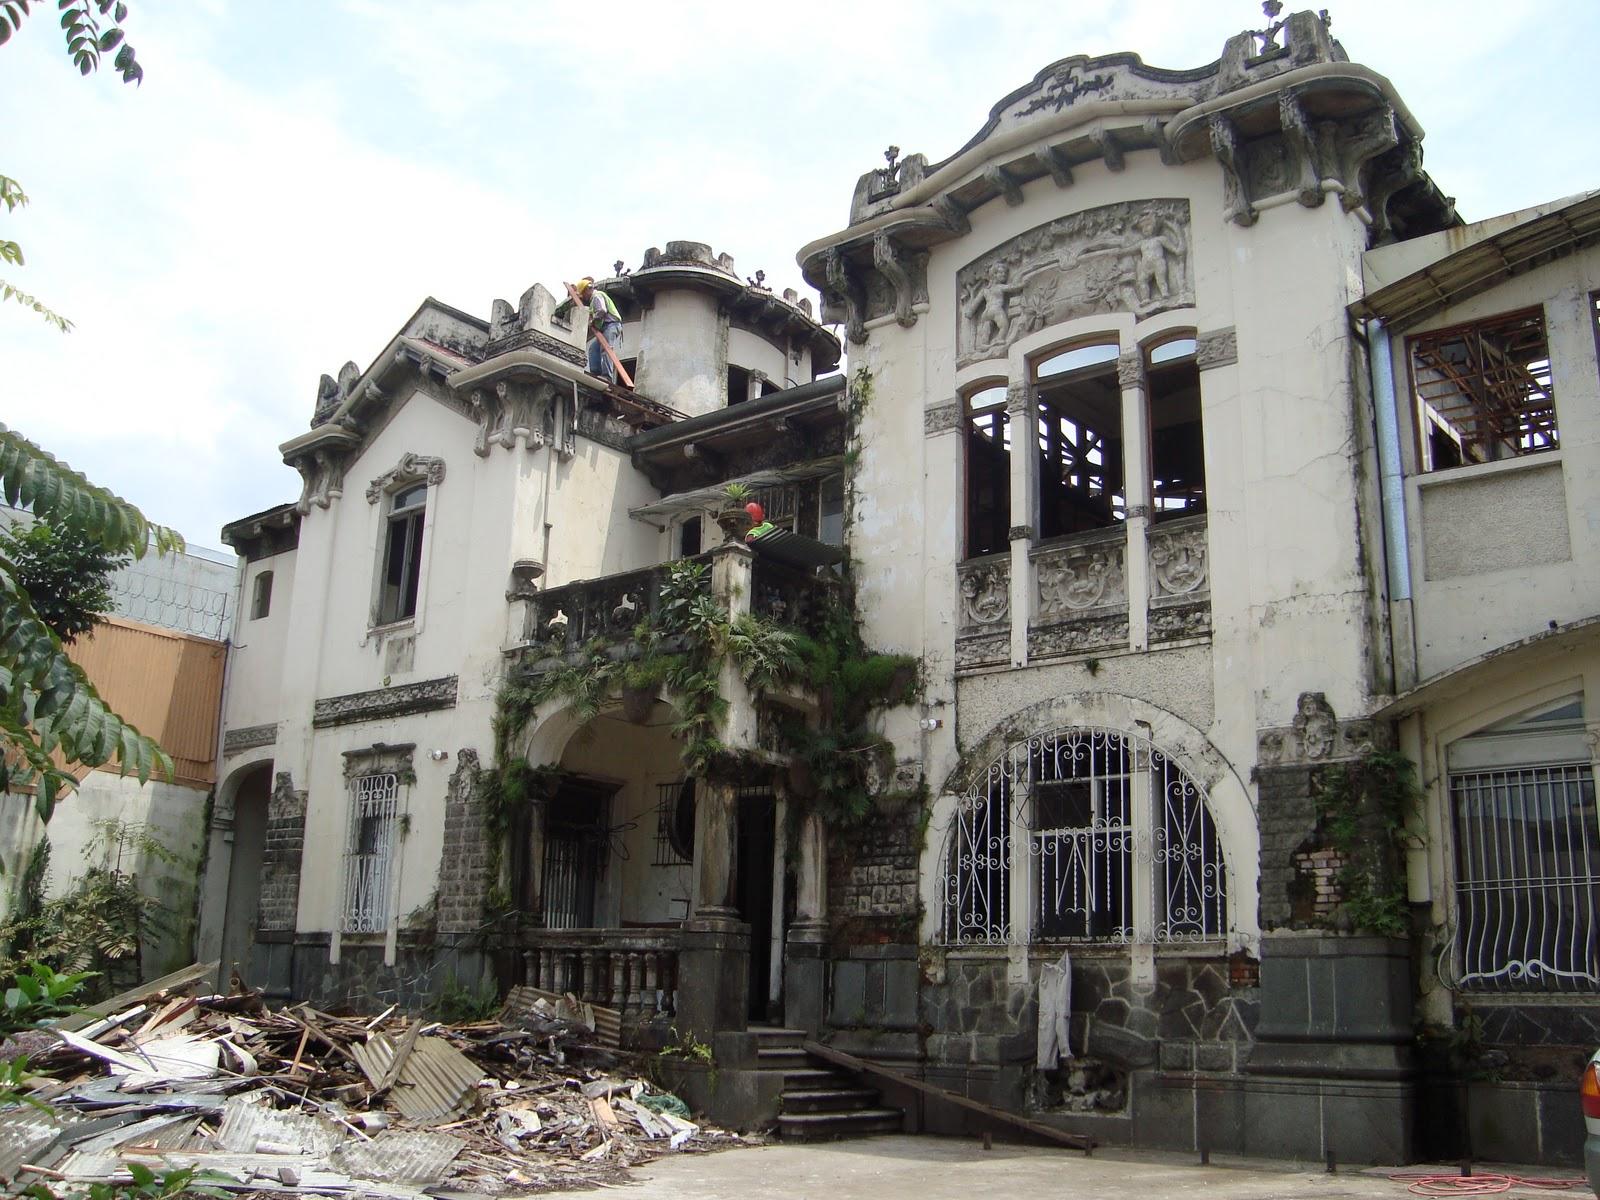 Paseos art nouveau art nouveau san jos costa rica 3 for Art maison la thuile